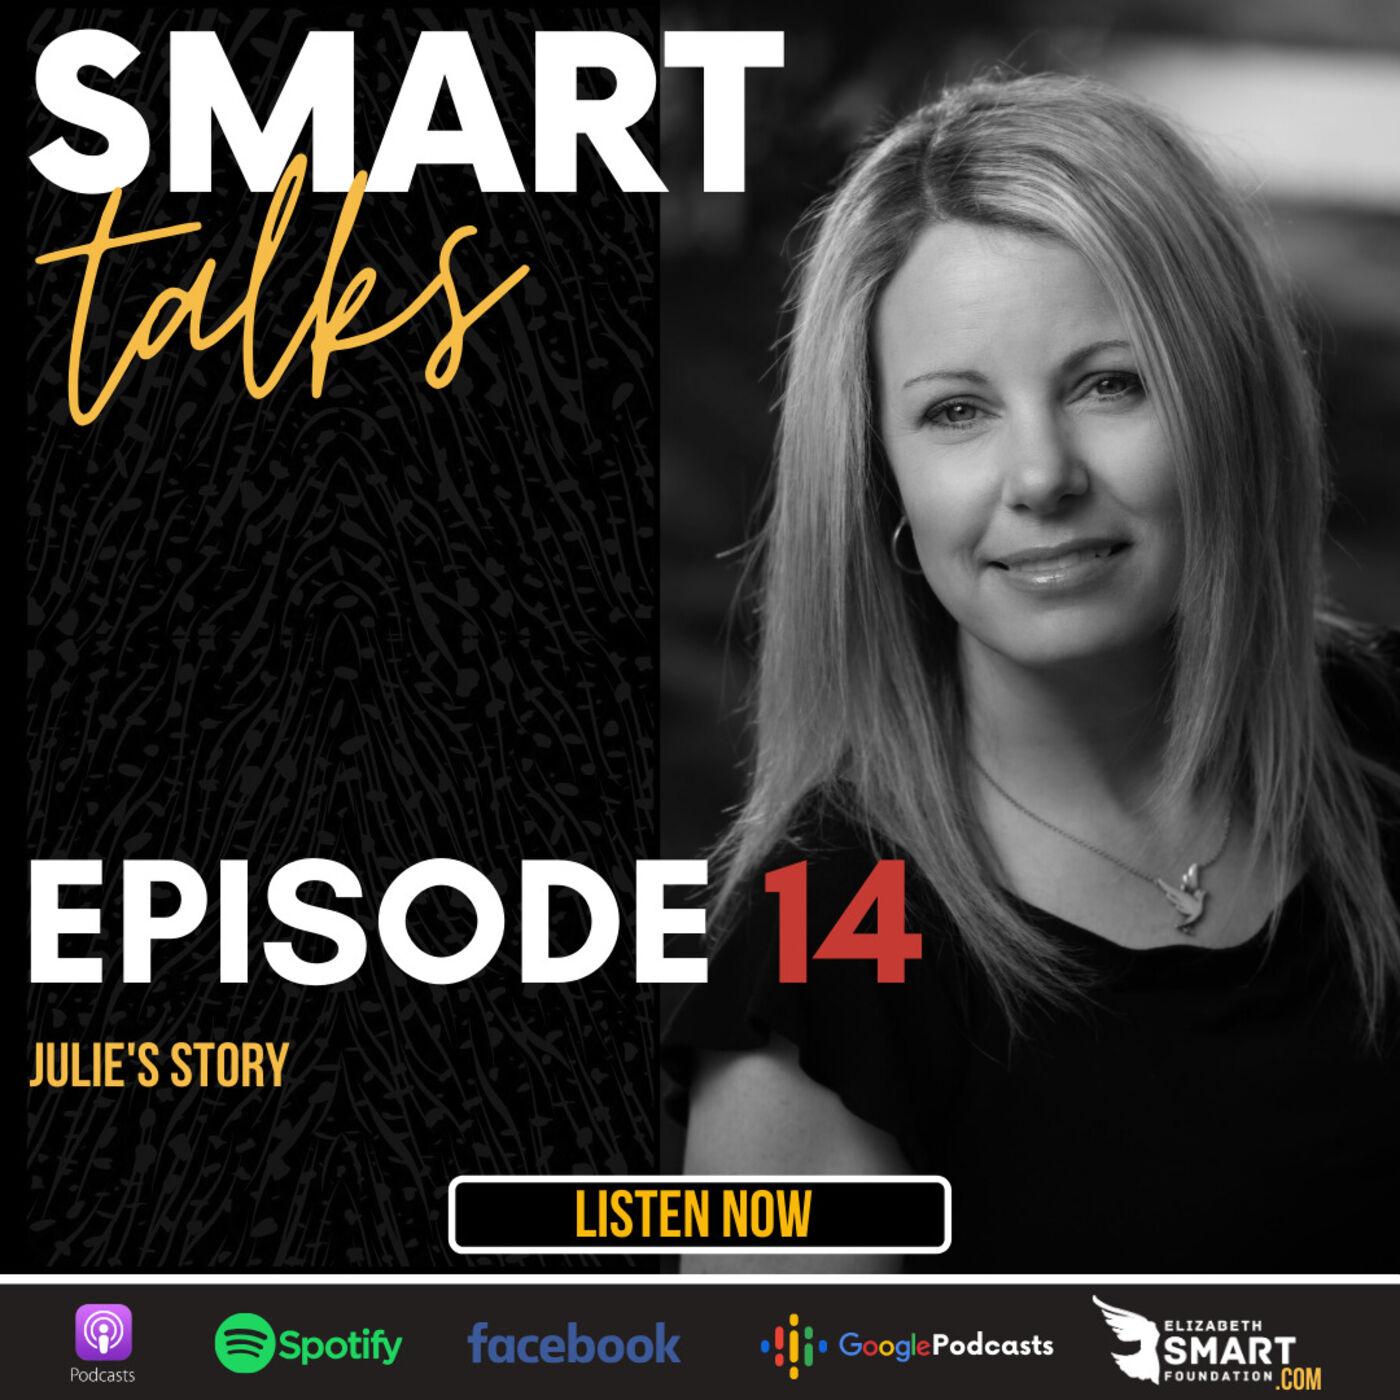 Episode 14: Julie's Story